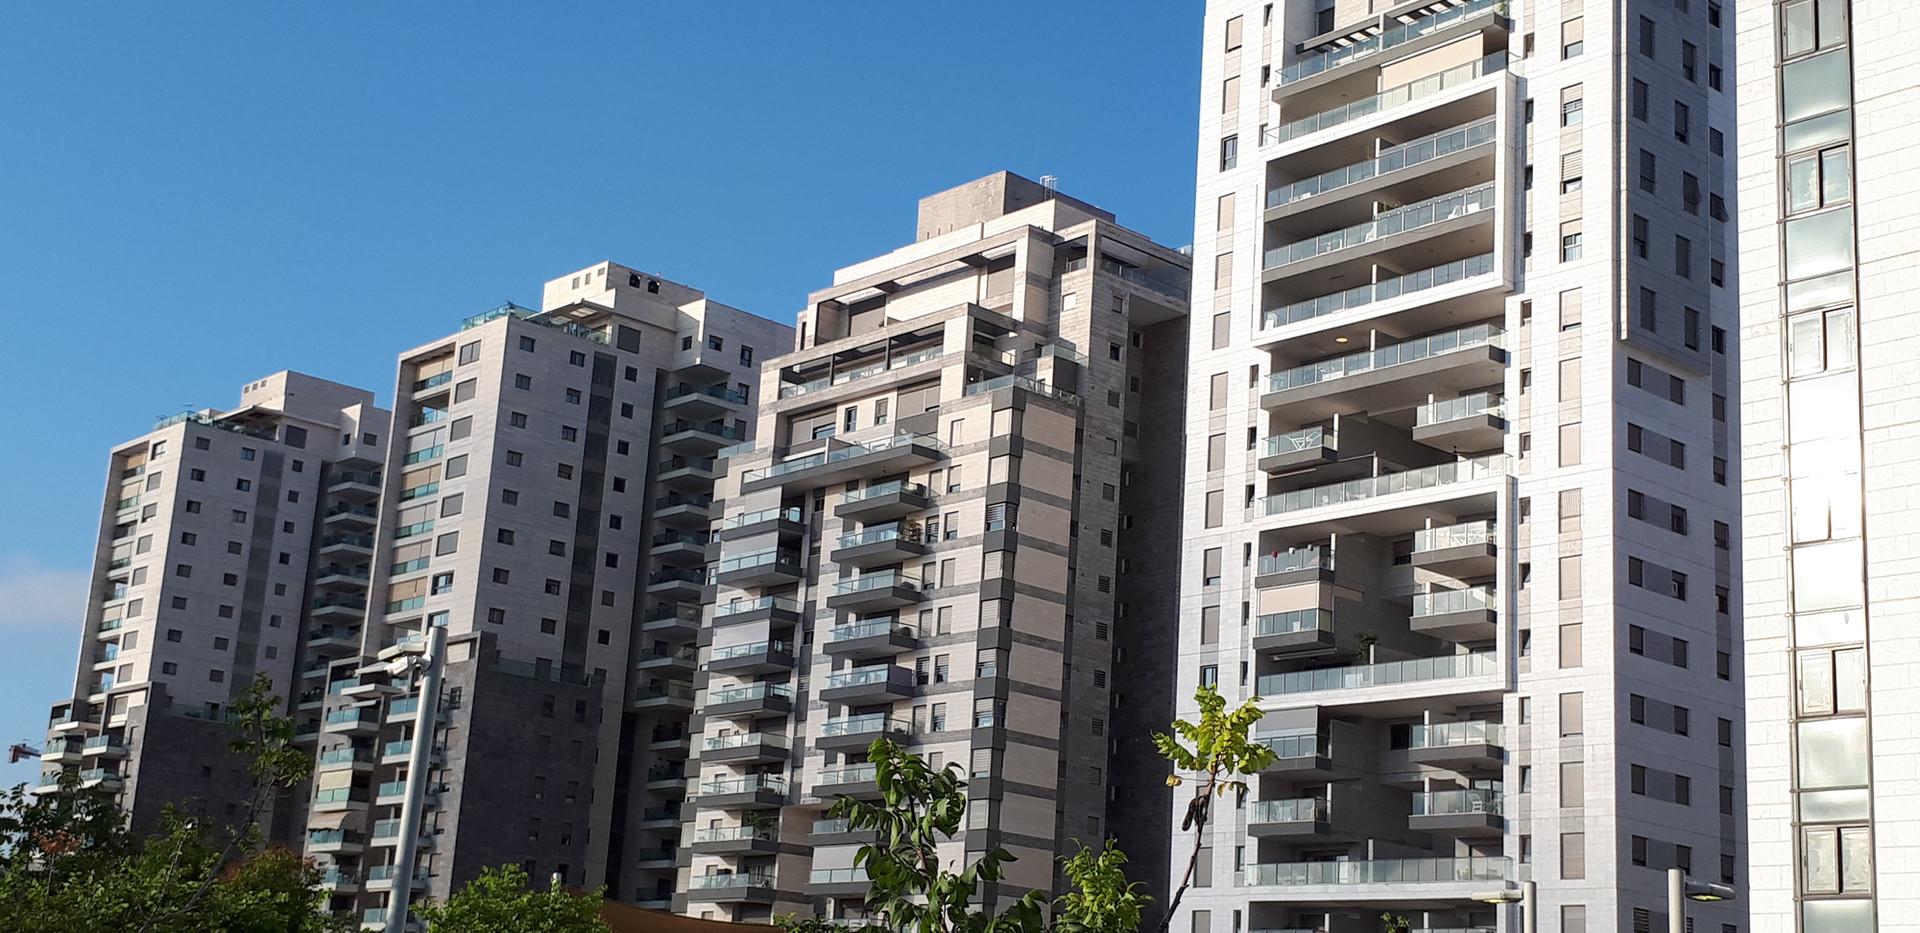 בניינים תכנית 1200 הוד השרון